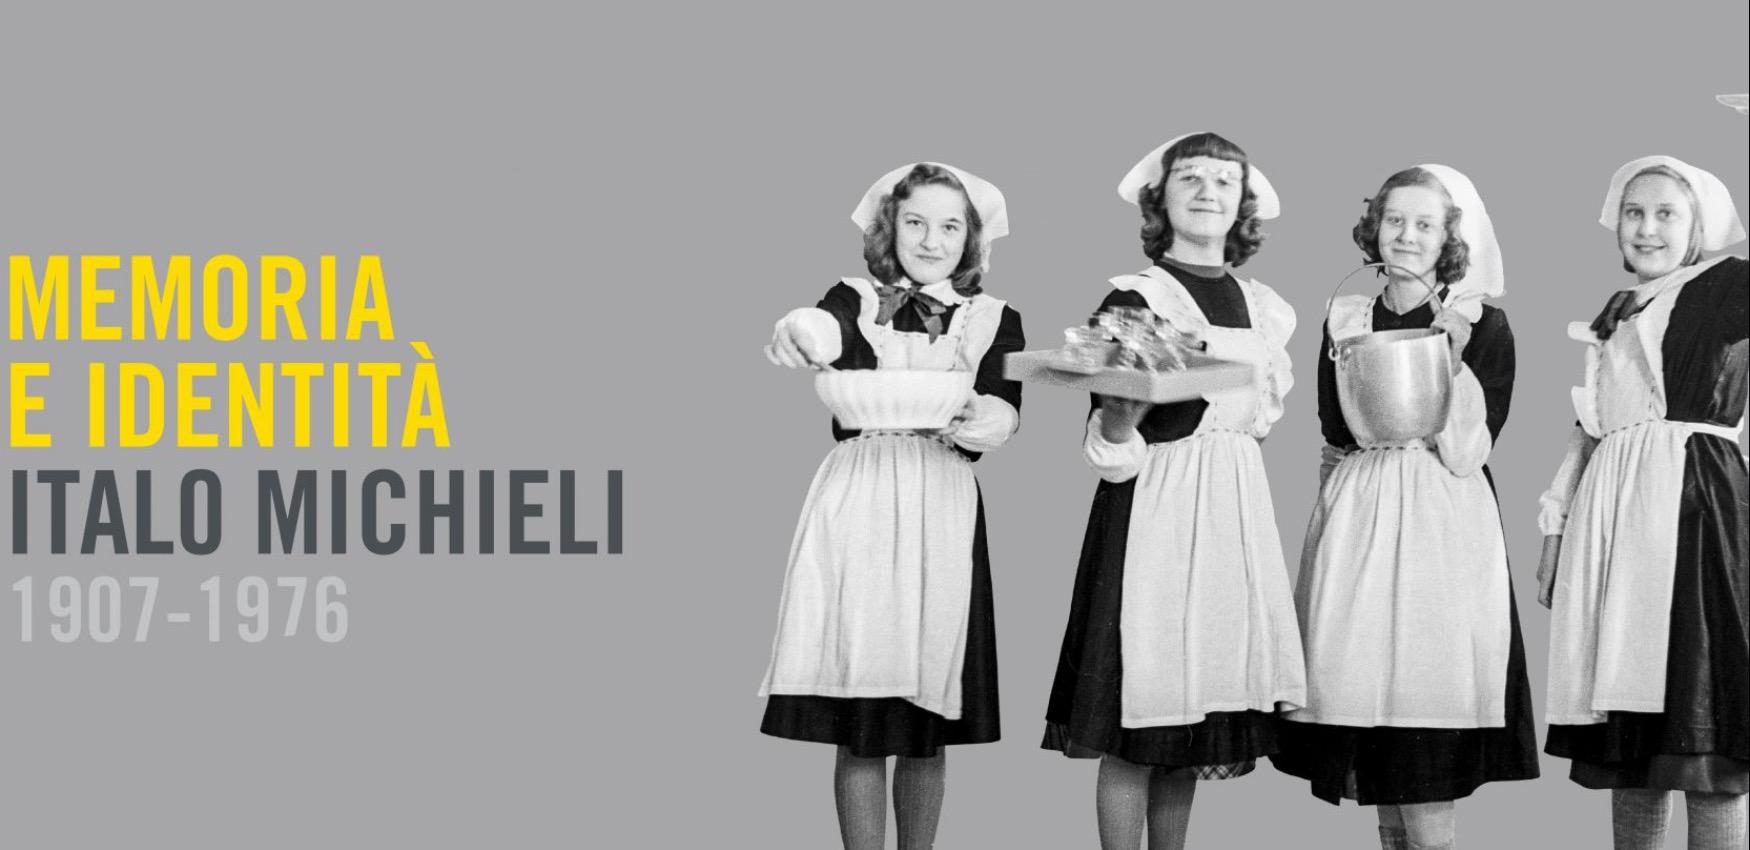 Memoria e identità. Italo Michieli 1907-1976